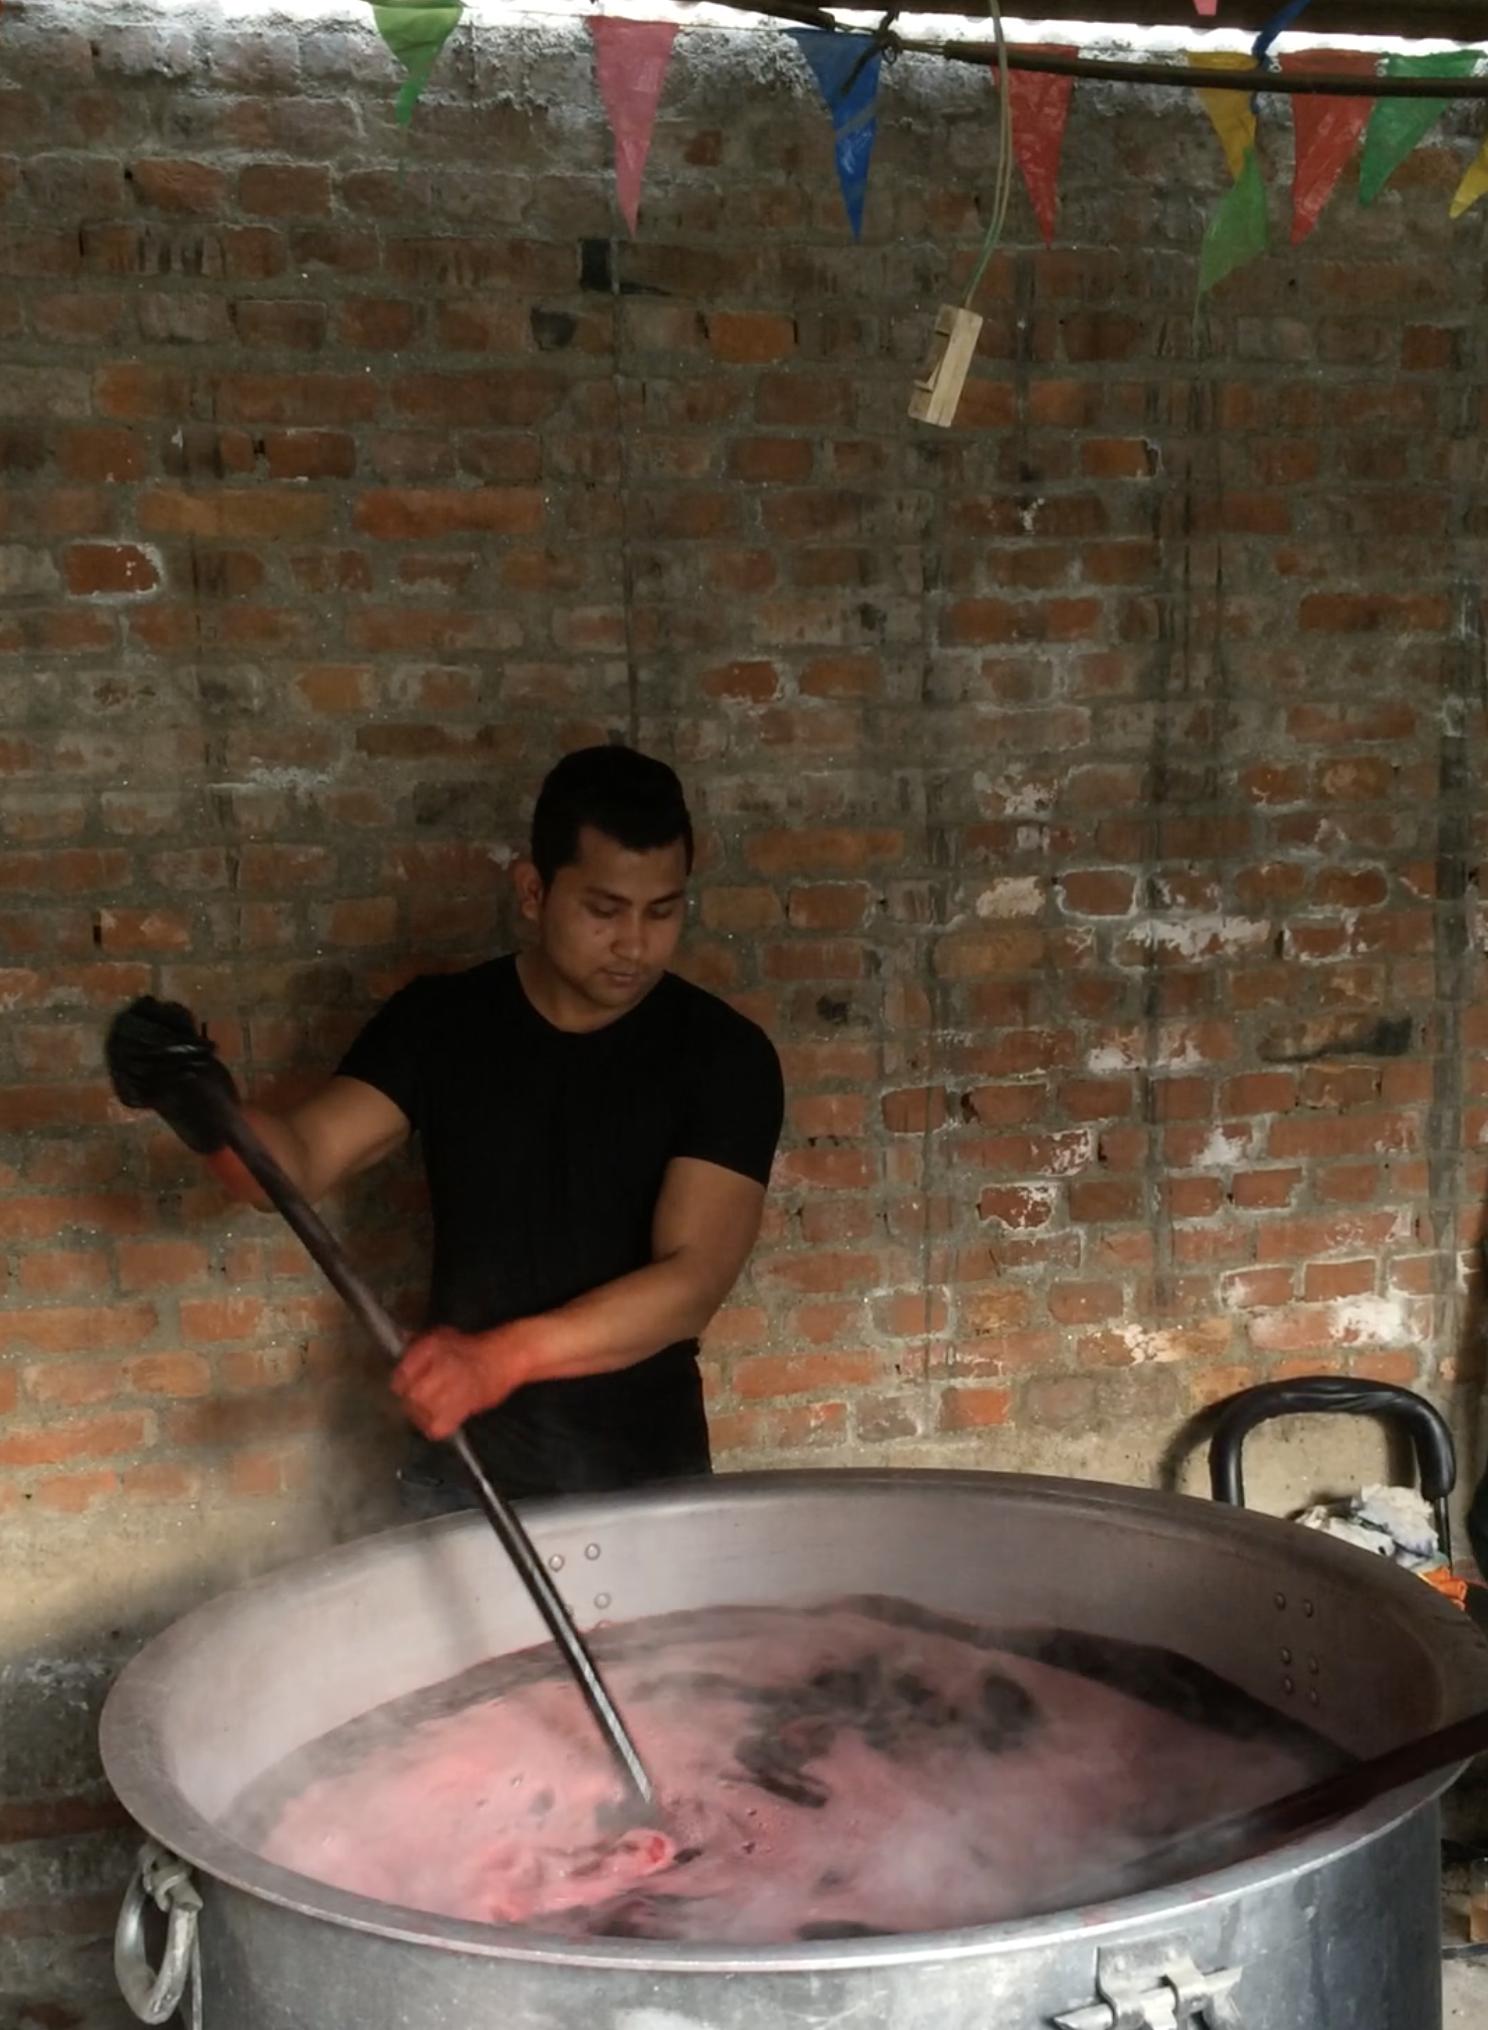 Stirring the yarn in a steaming dye bath